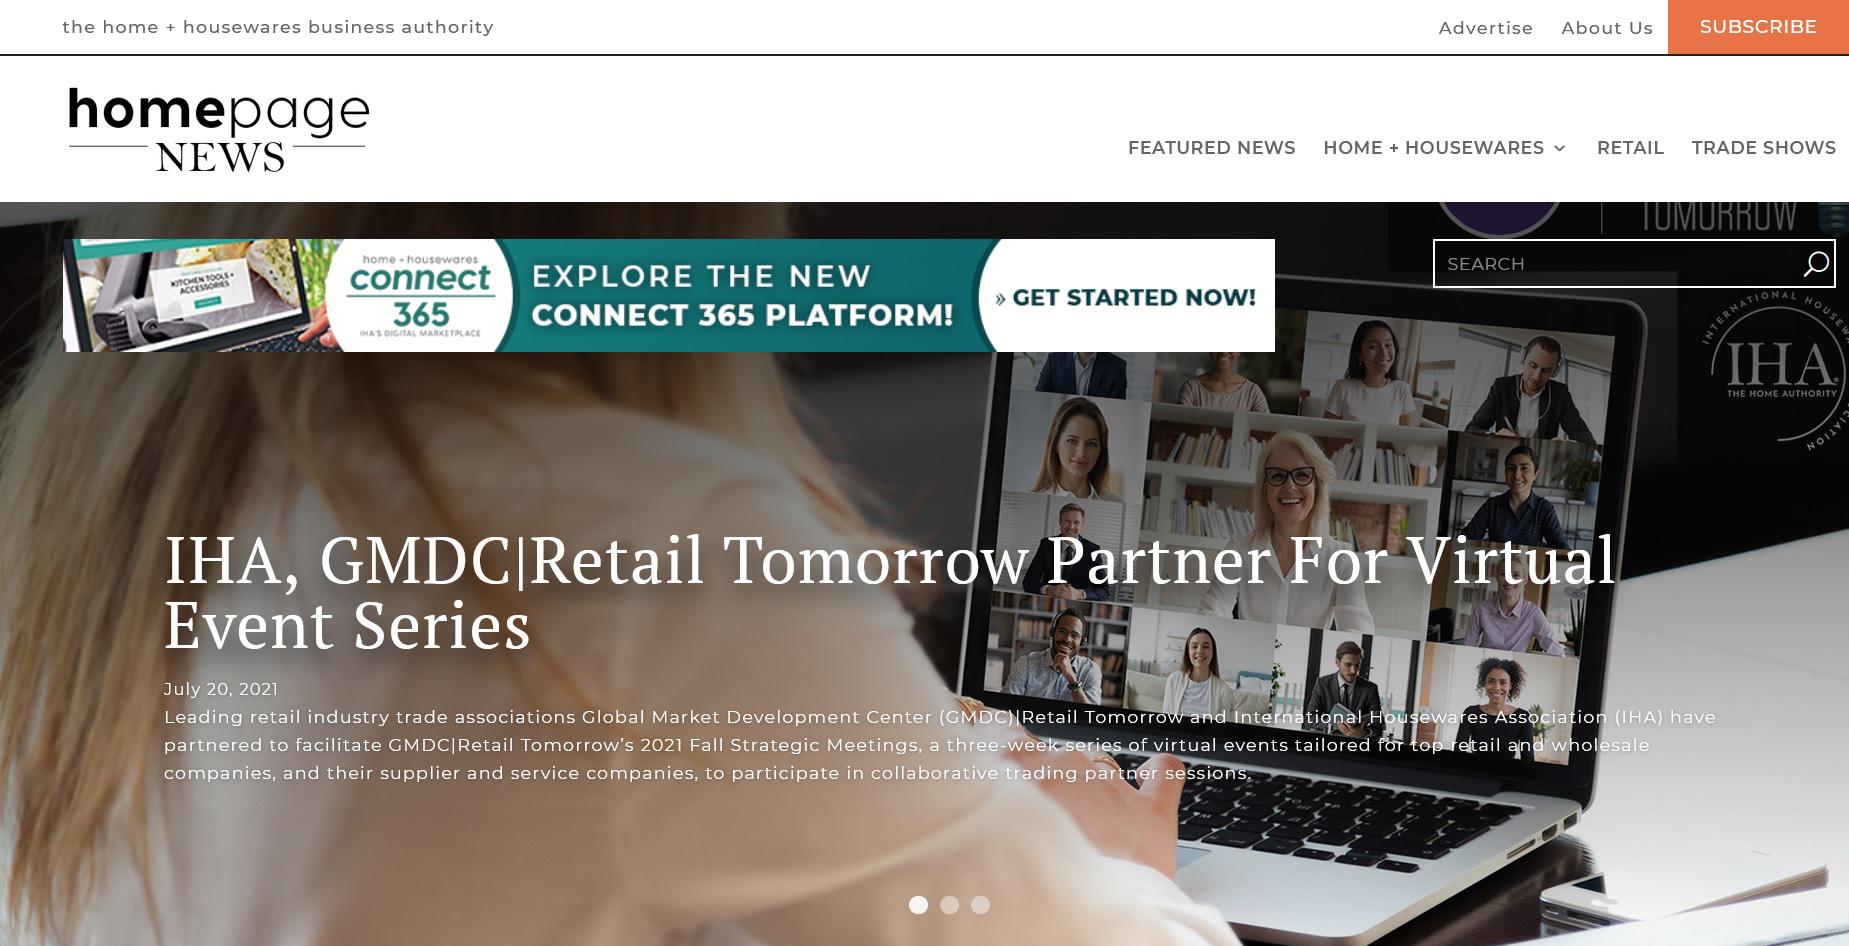 HomePageNews ist das neue Branchenportal der IHA Chicago.